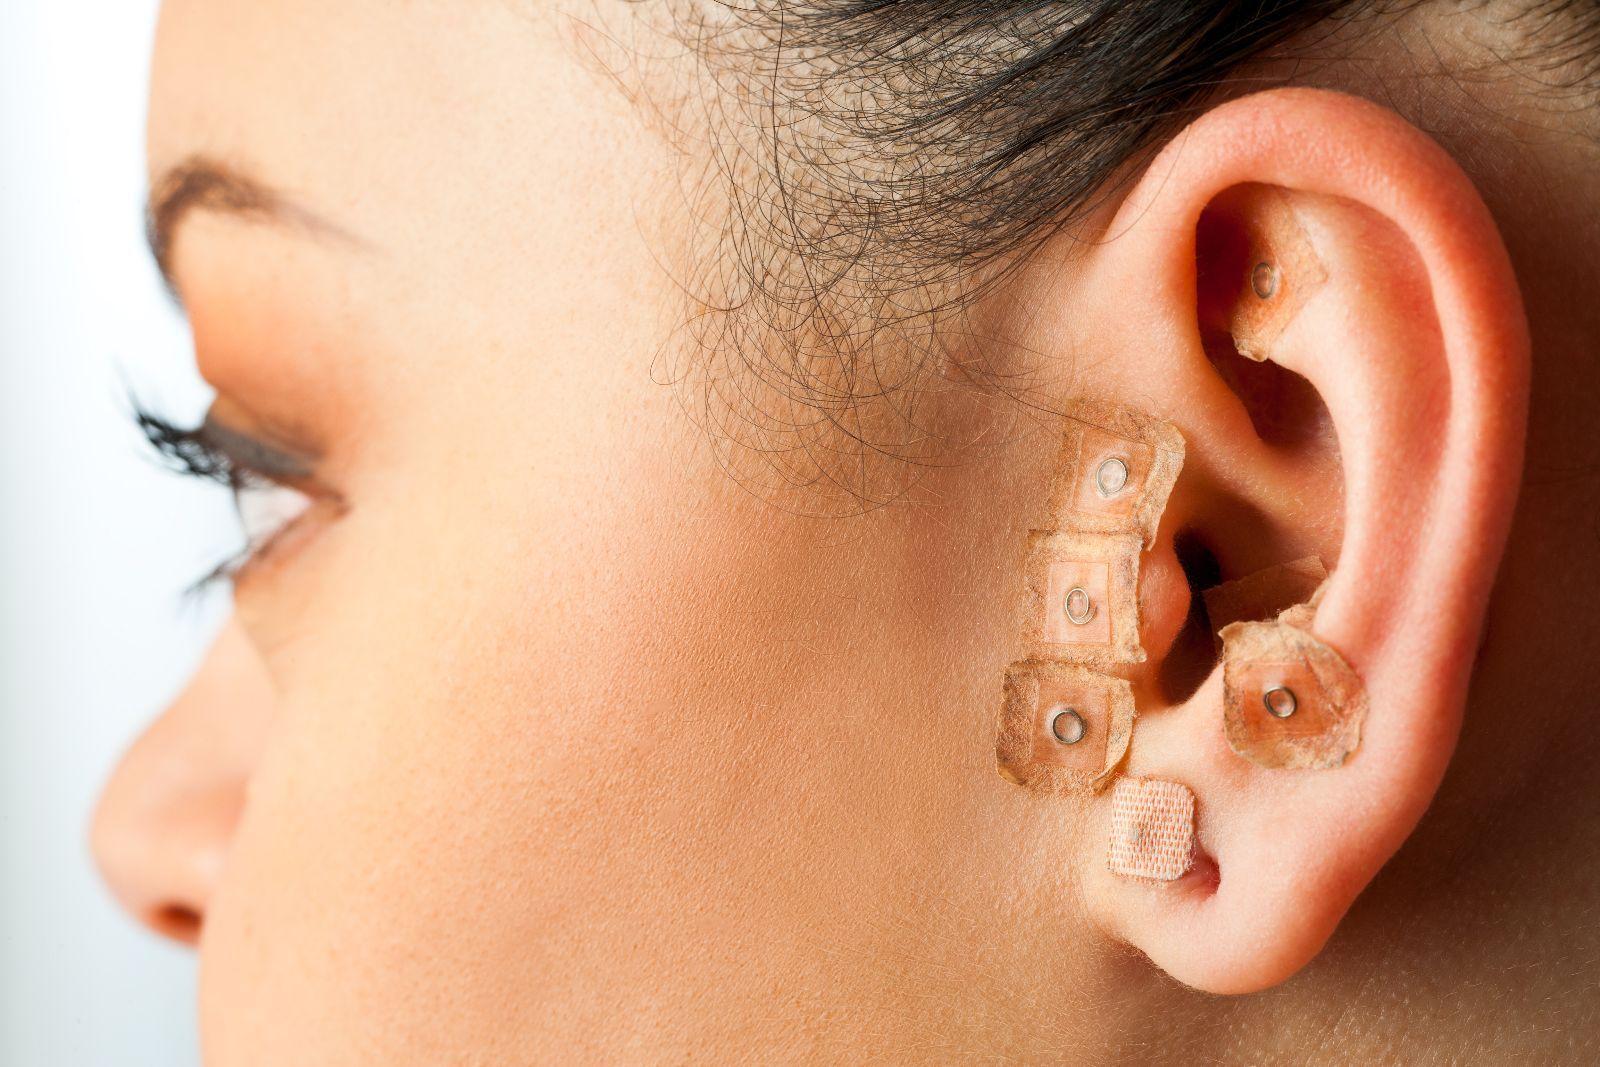 Centros de acupuntura para adelgazar